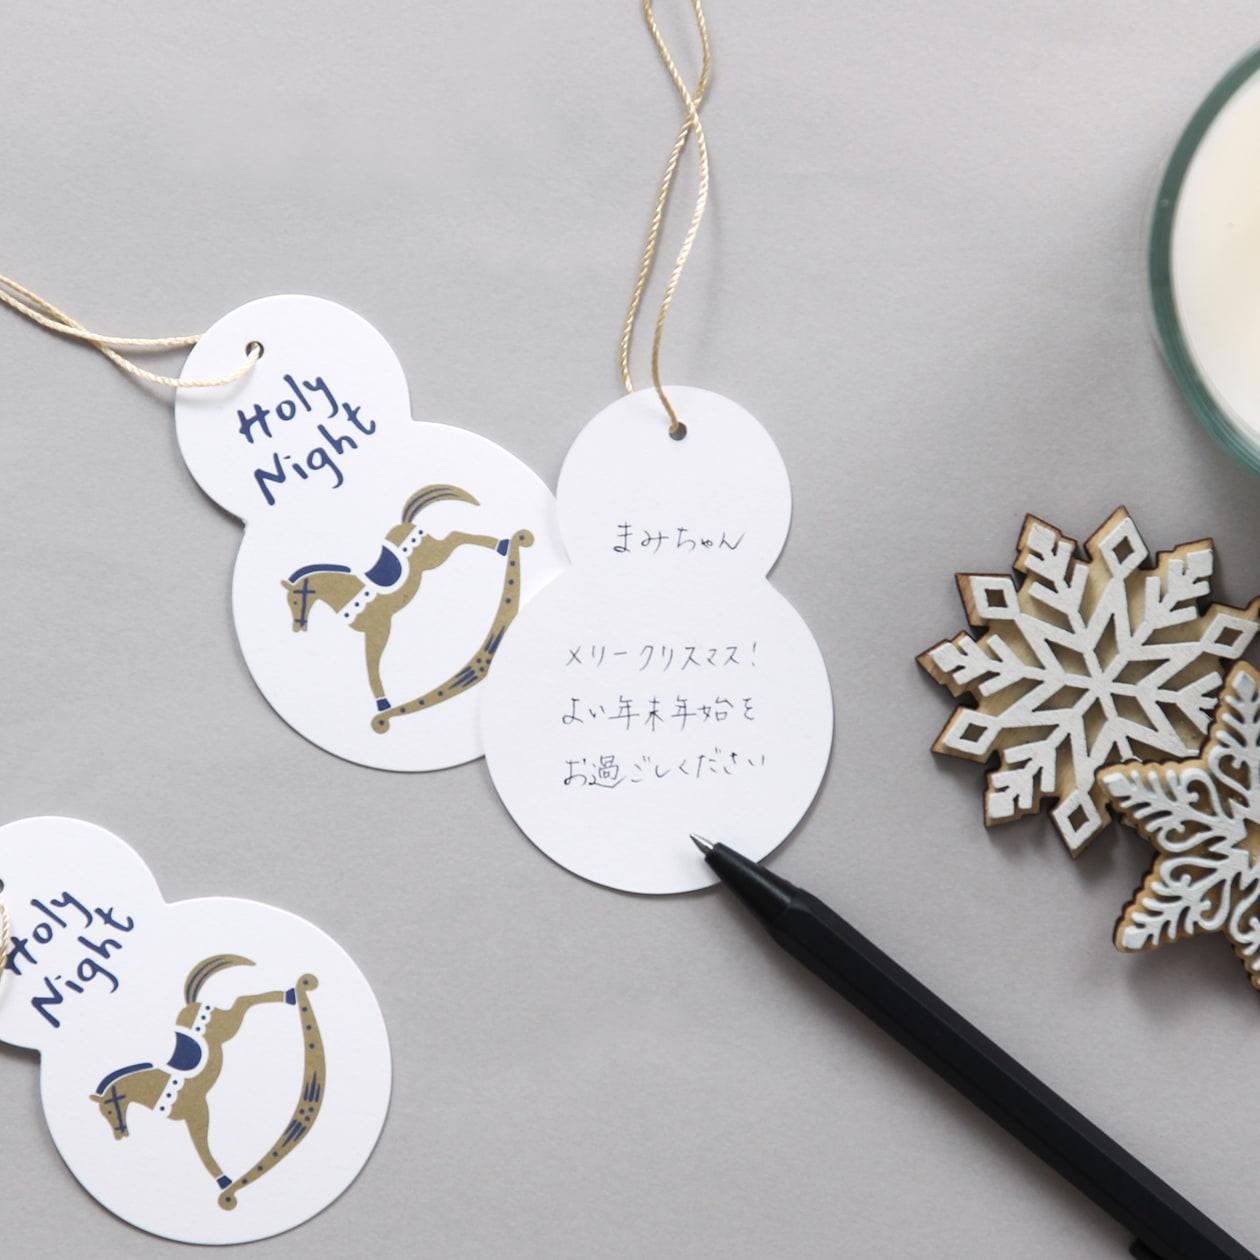 オーナメントやメッセージカードにクリスマス用のタグ